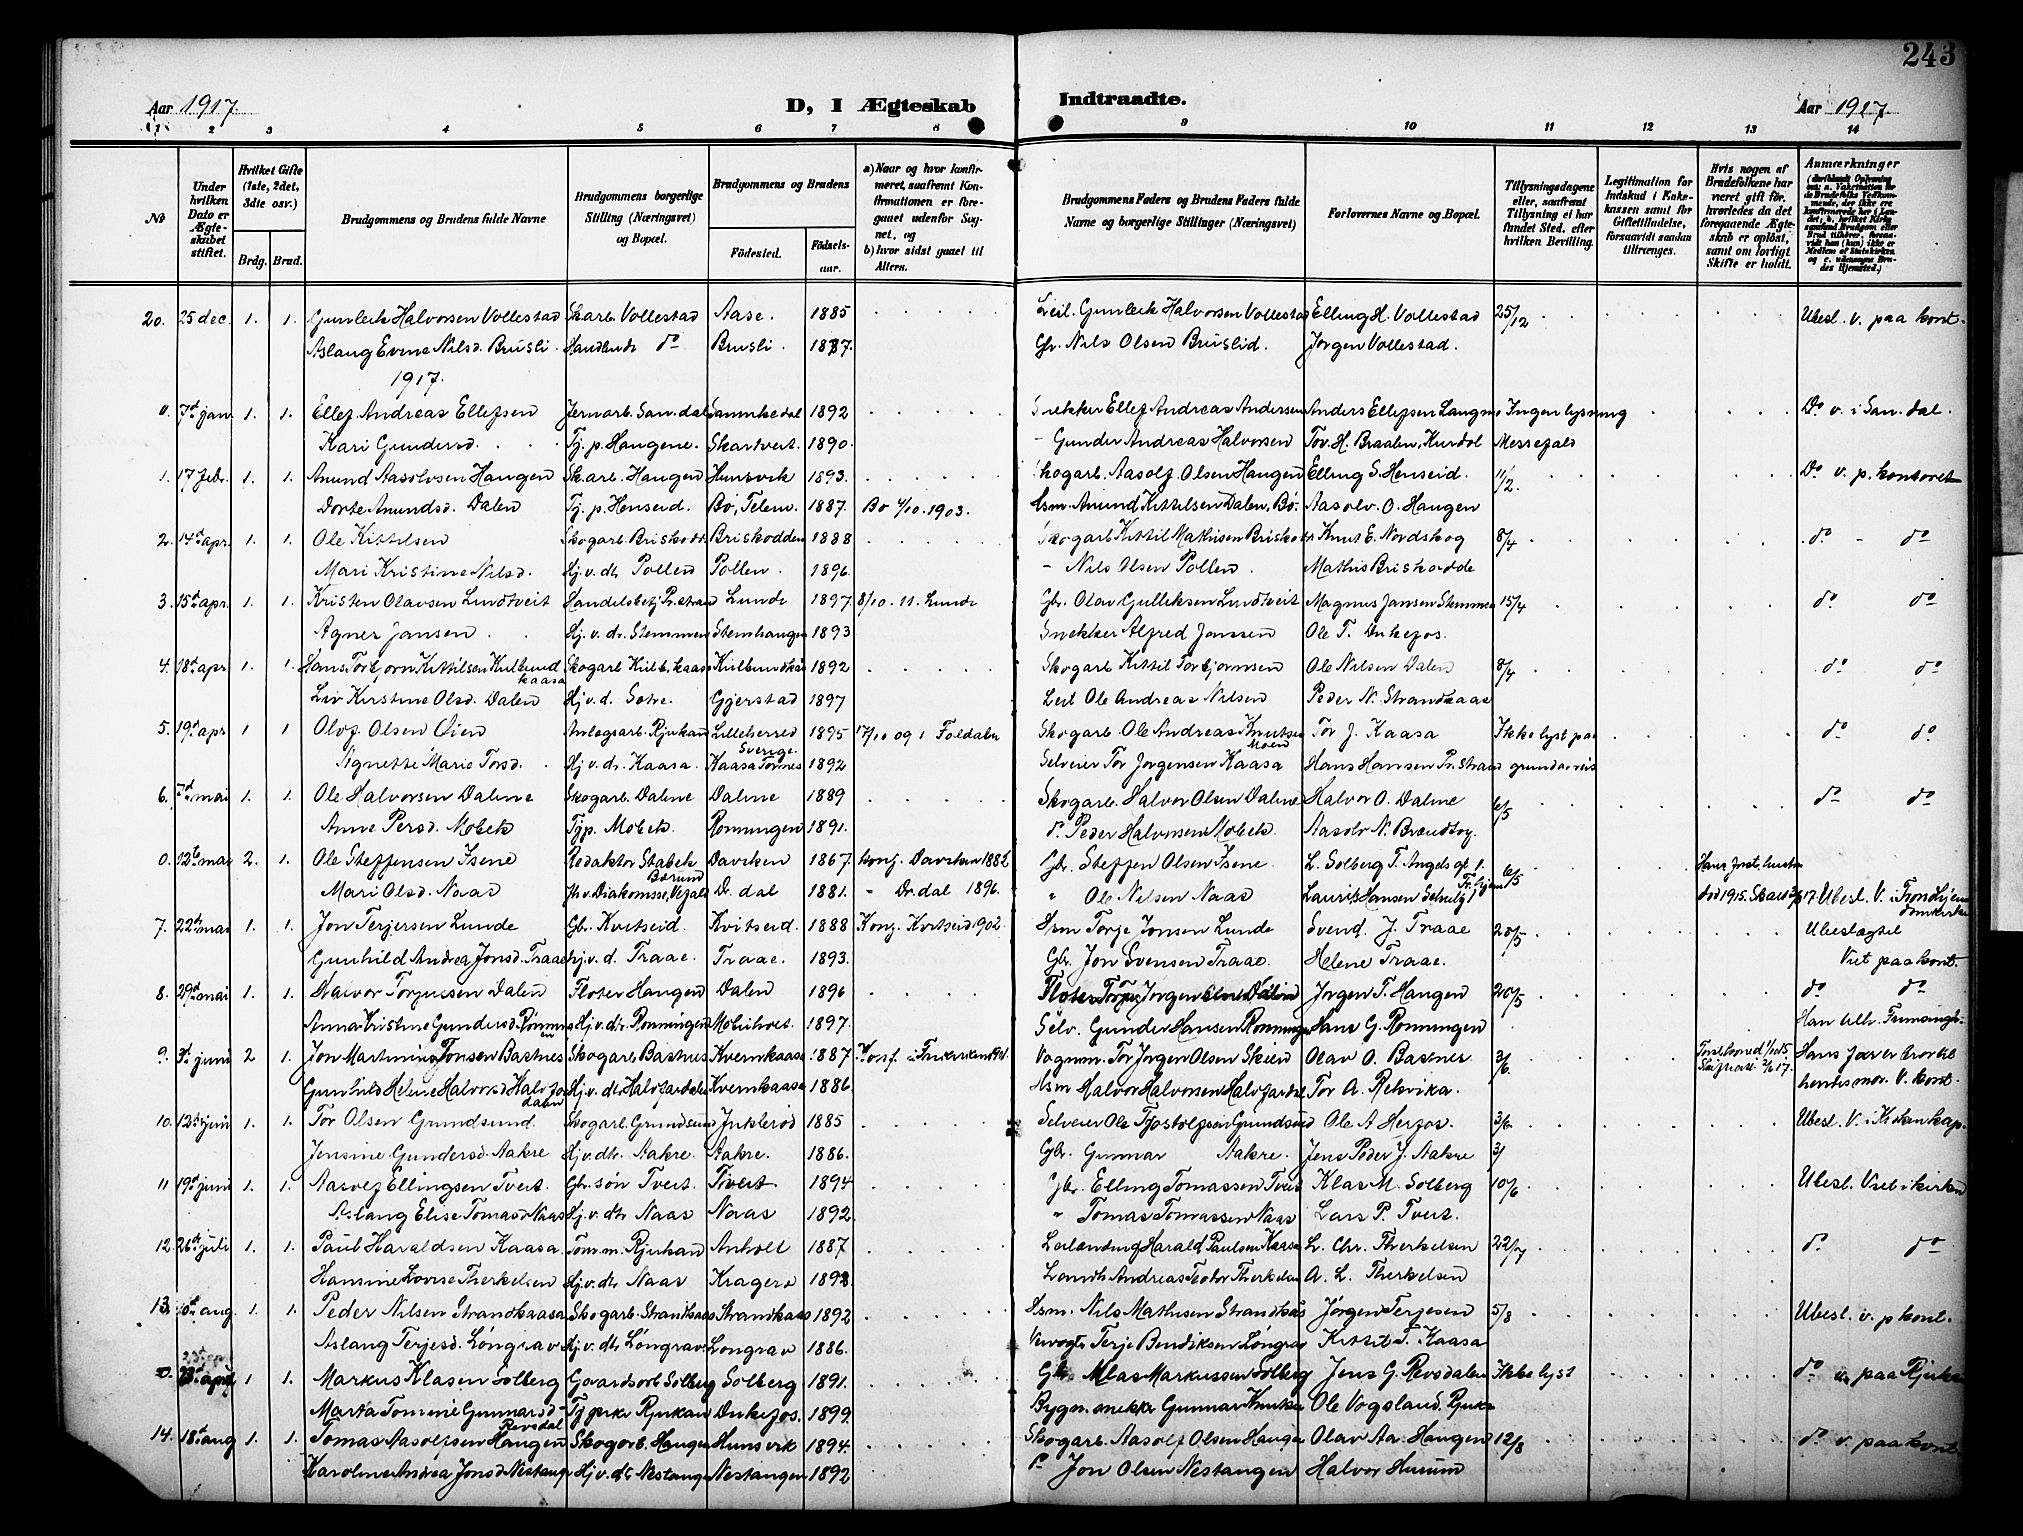 SAKO, Drangedal kirkebøker, G/Ga/L0004: Klokkerbok nr. I 4, 1901-1933, s. 243